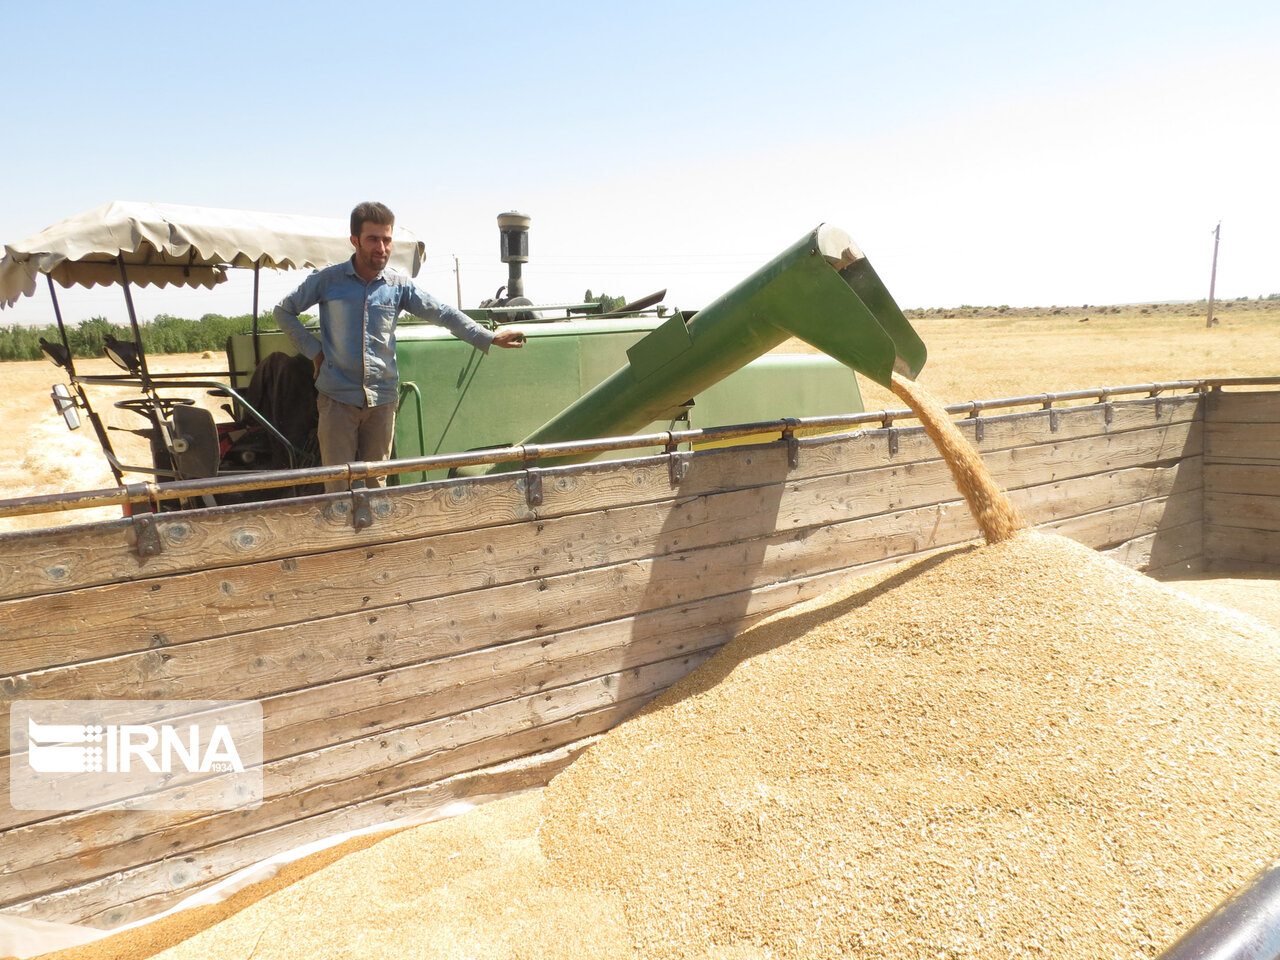 گندمکاران غرب خراسان رضوی ۱۰۰ درصد مطالبات خود را دریافت کردند